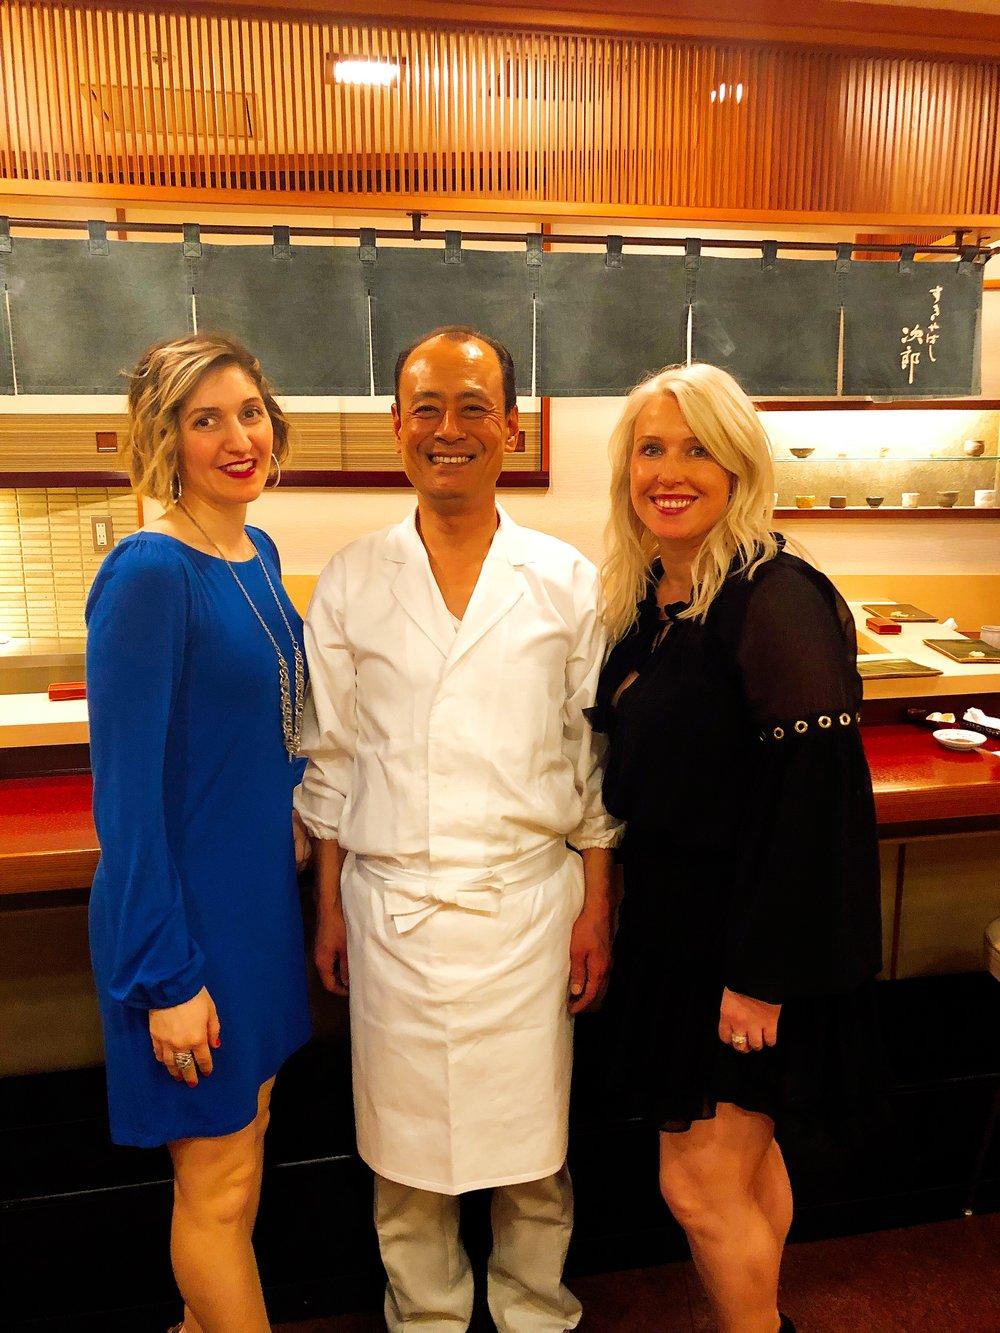 Chef Takashi Ono, A Sushi Master